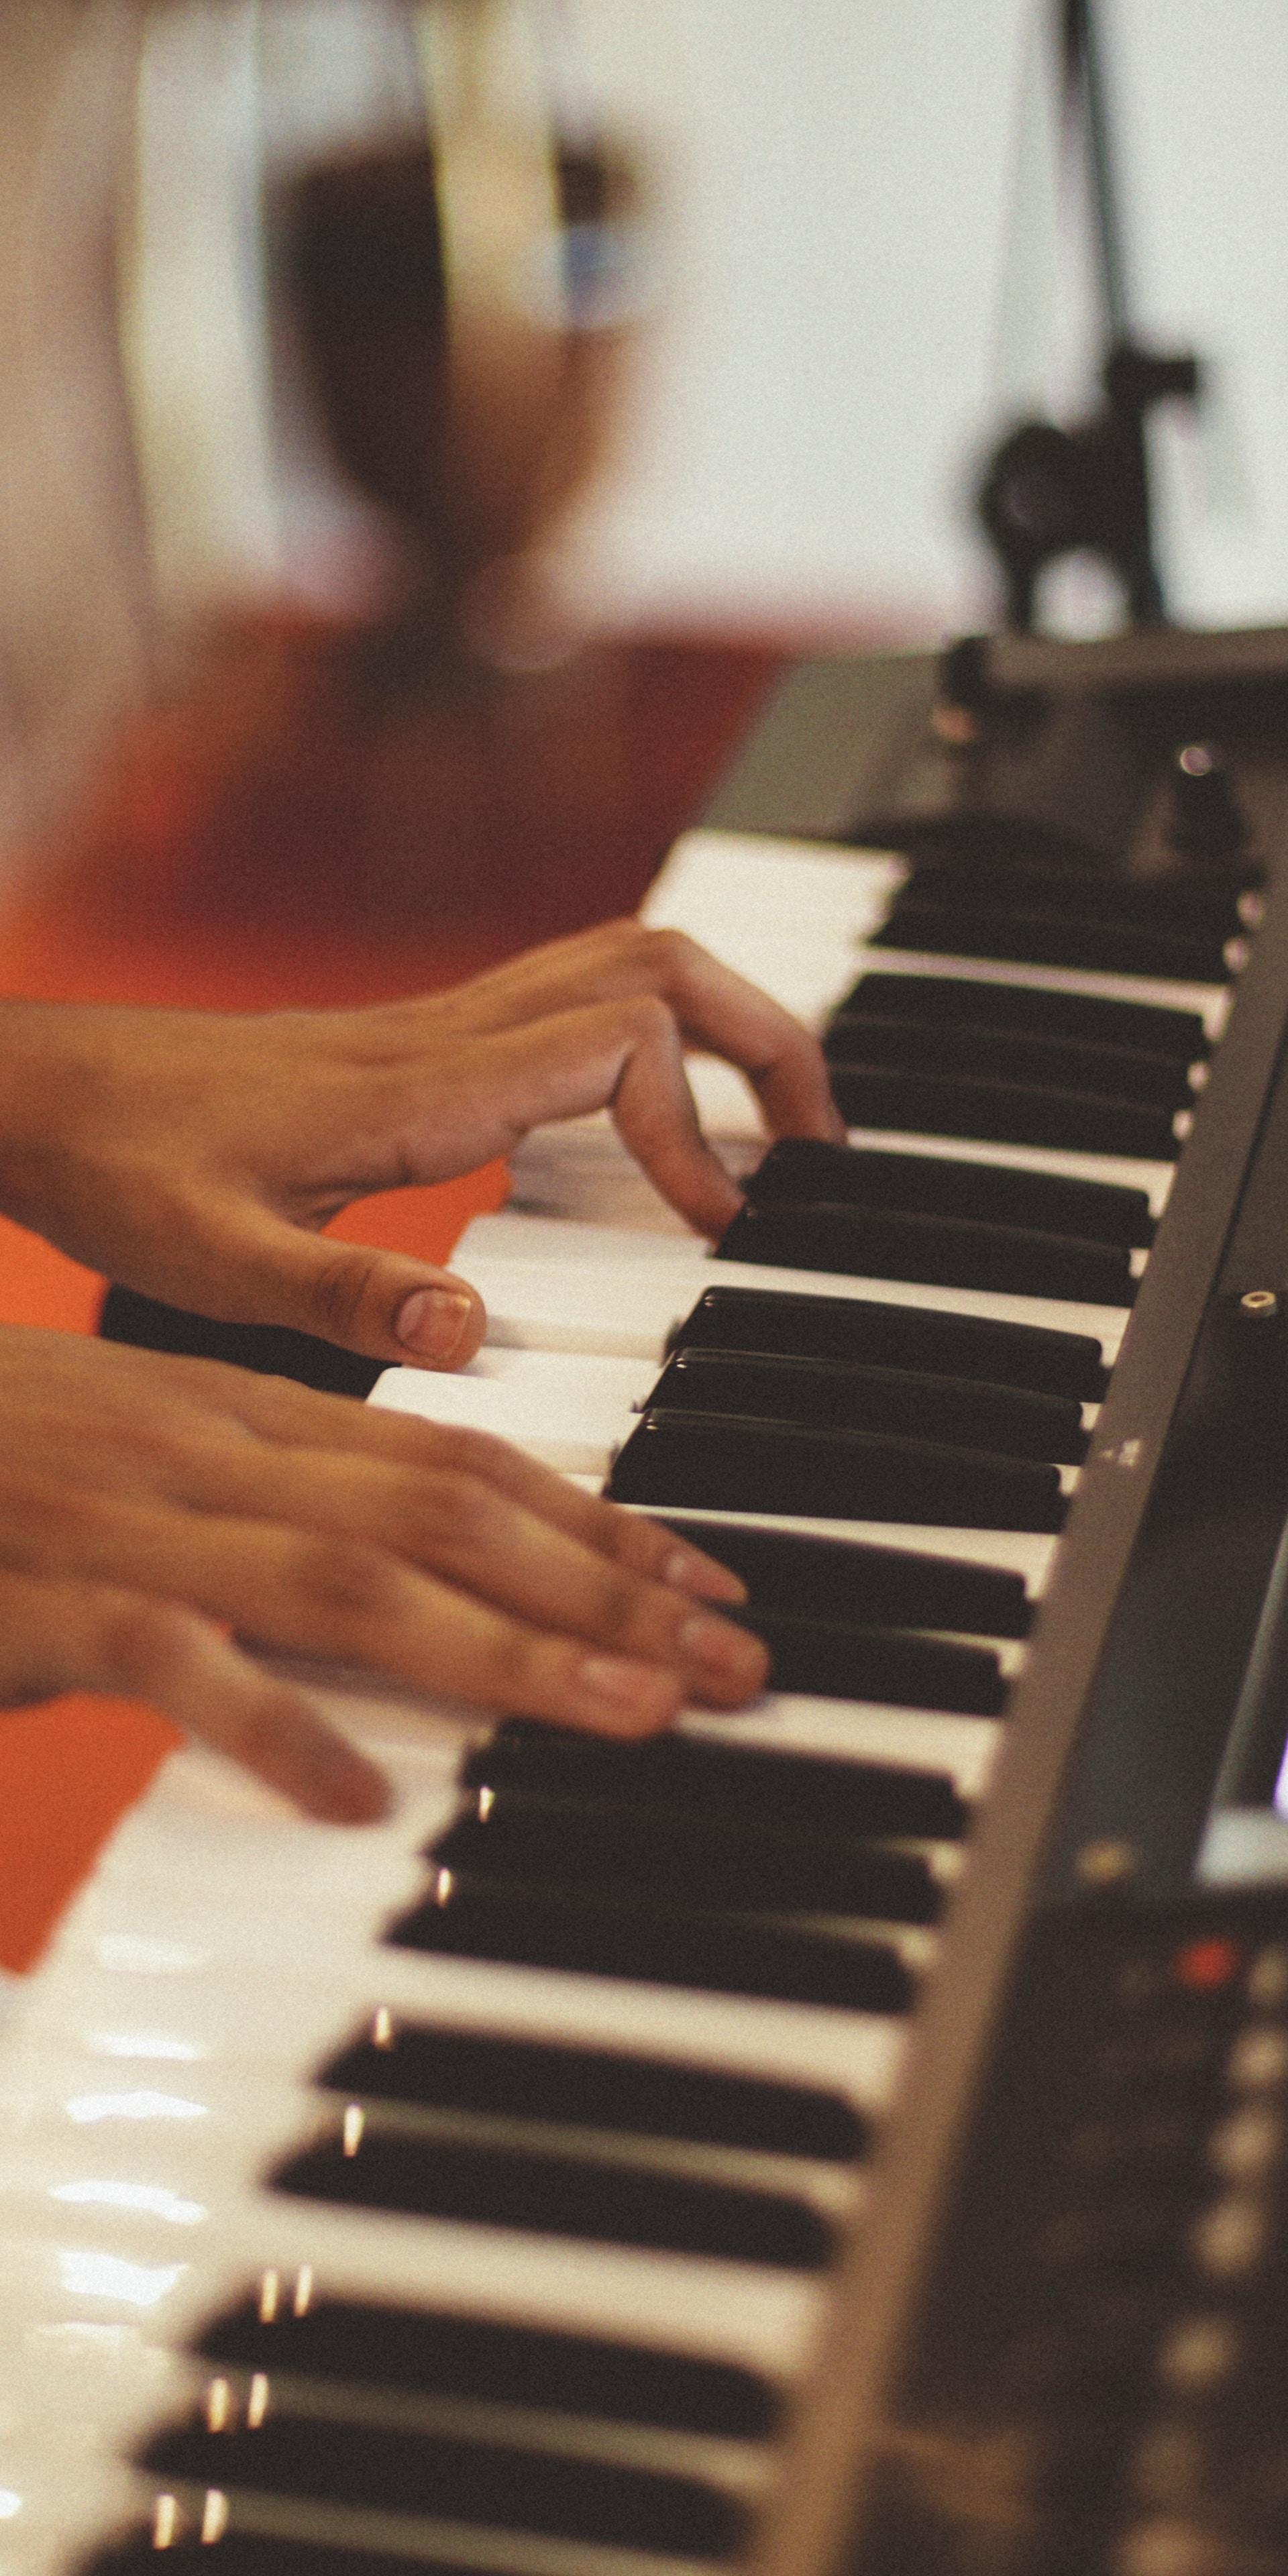 méthodes d'improvisations au piano